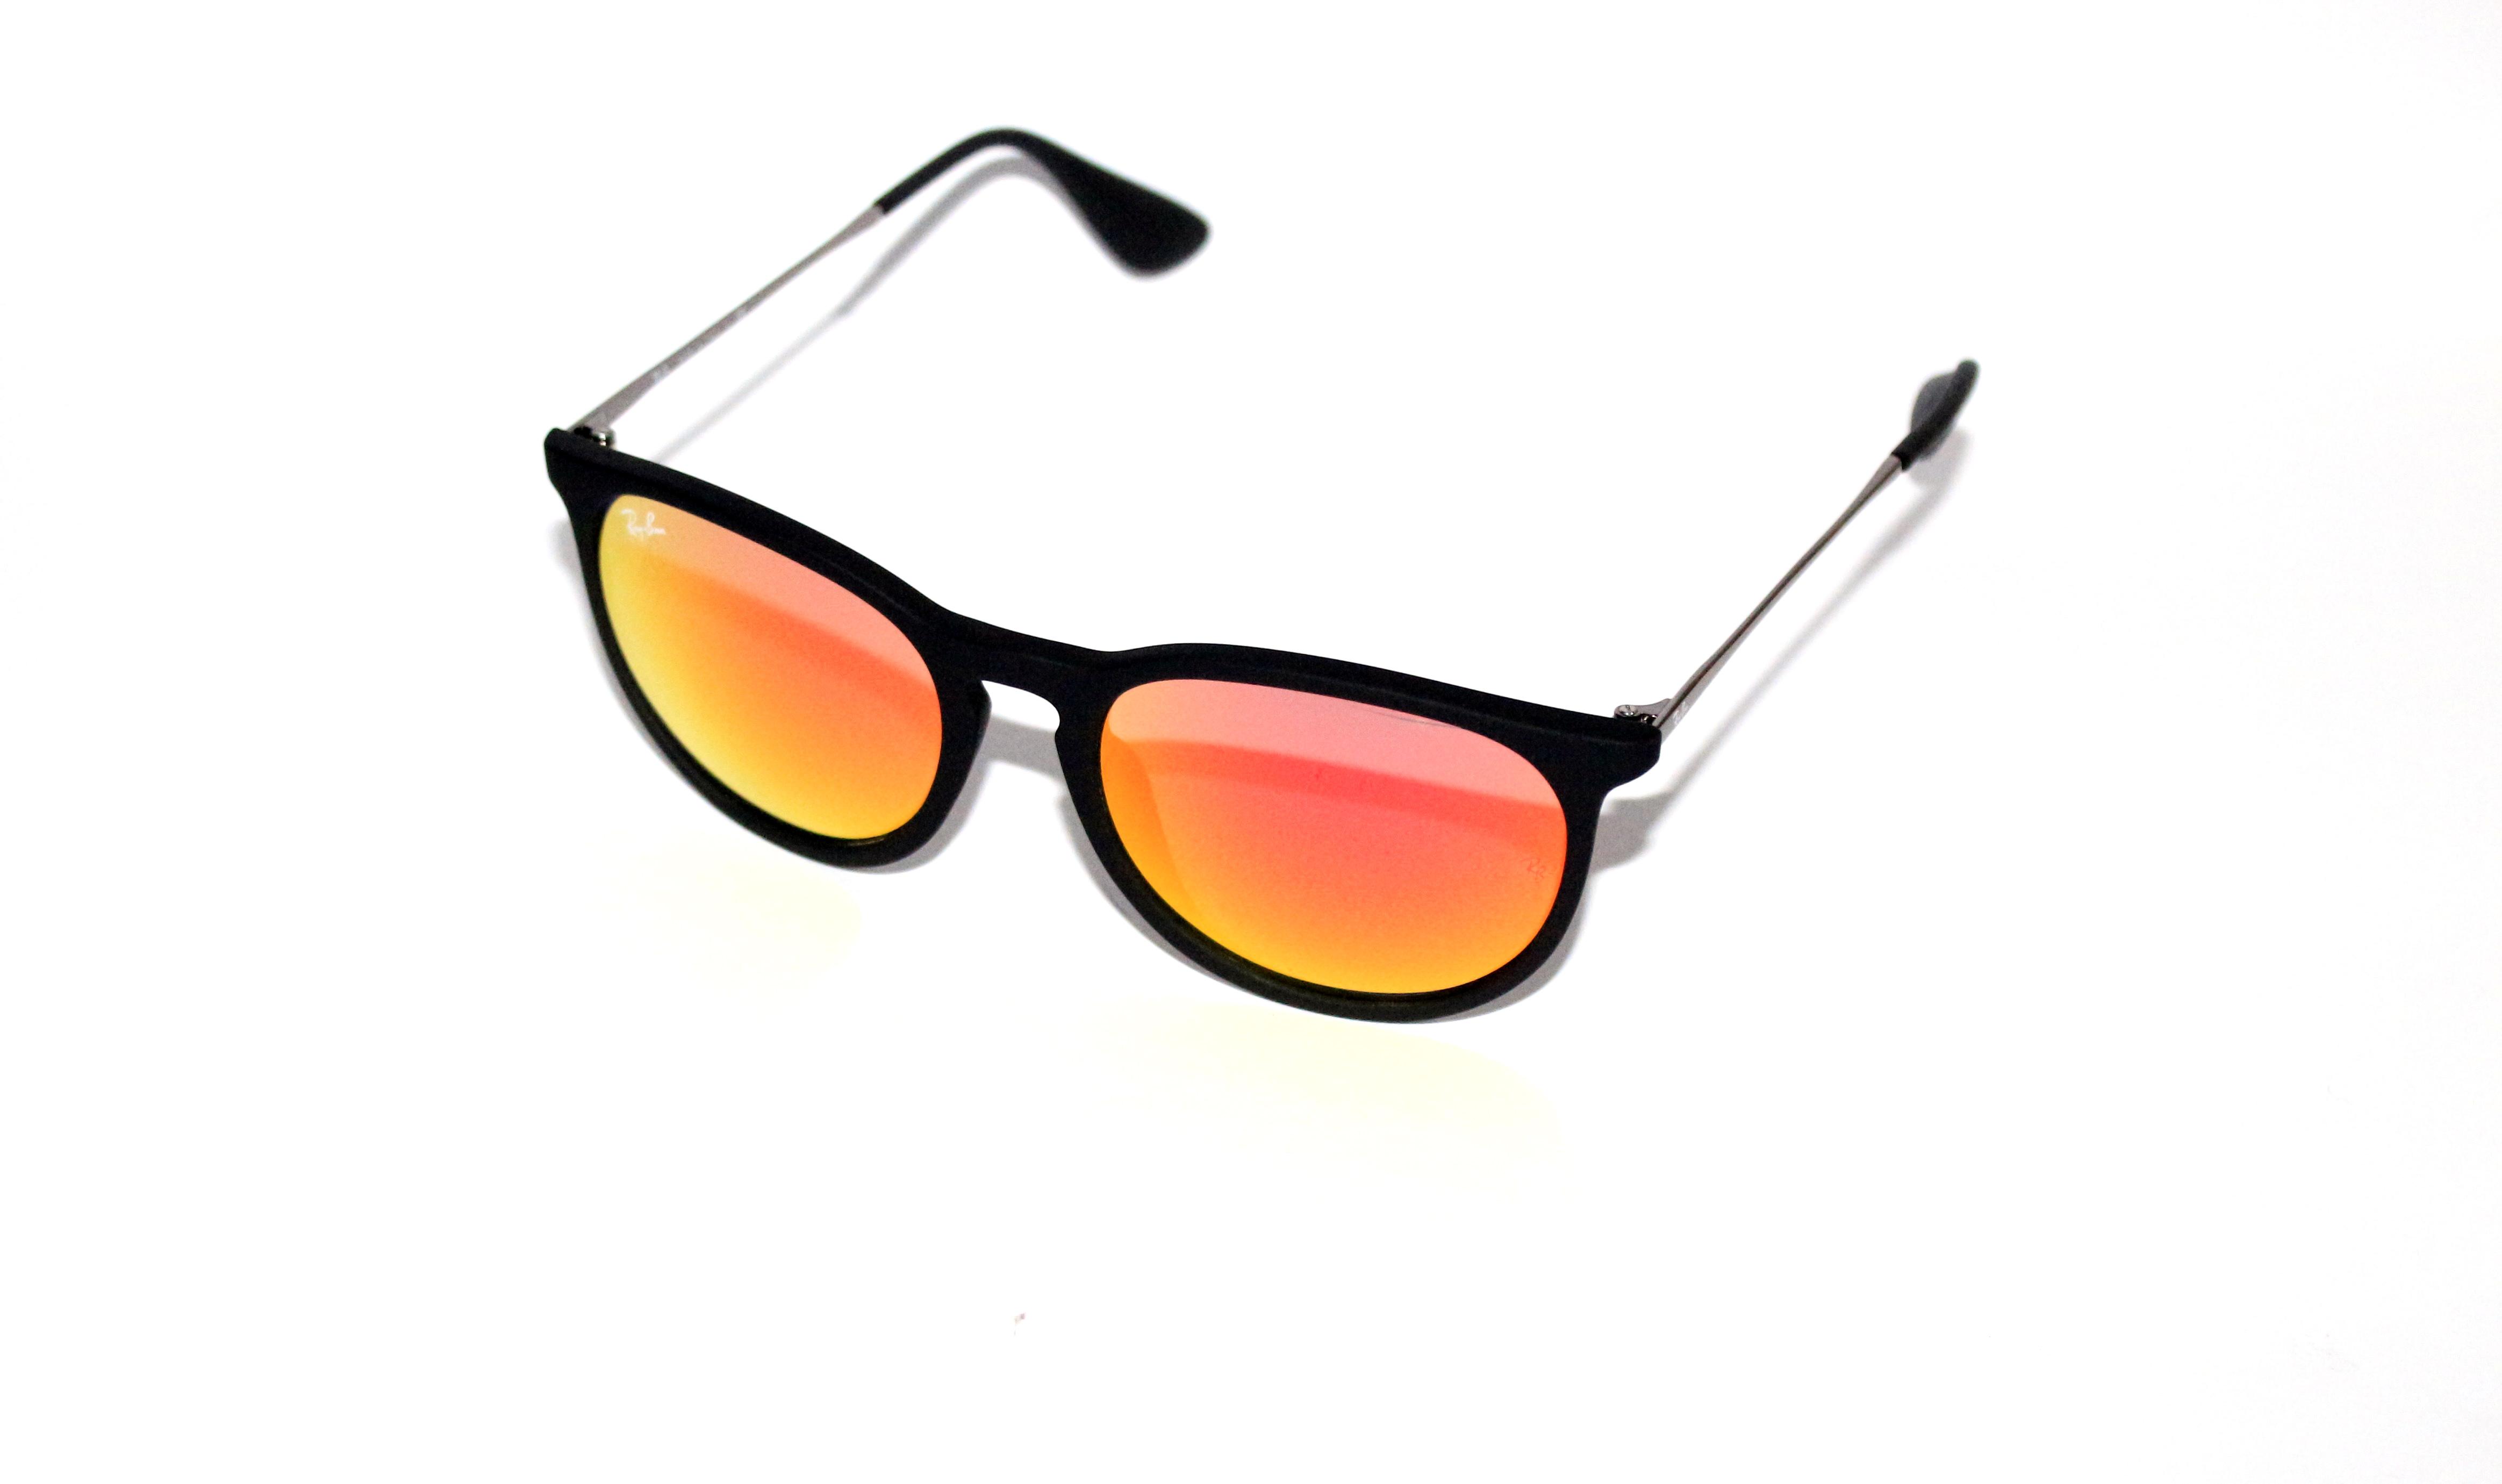 Замовити окуляри Рей Беннедорого Україна